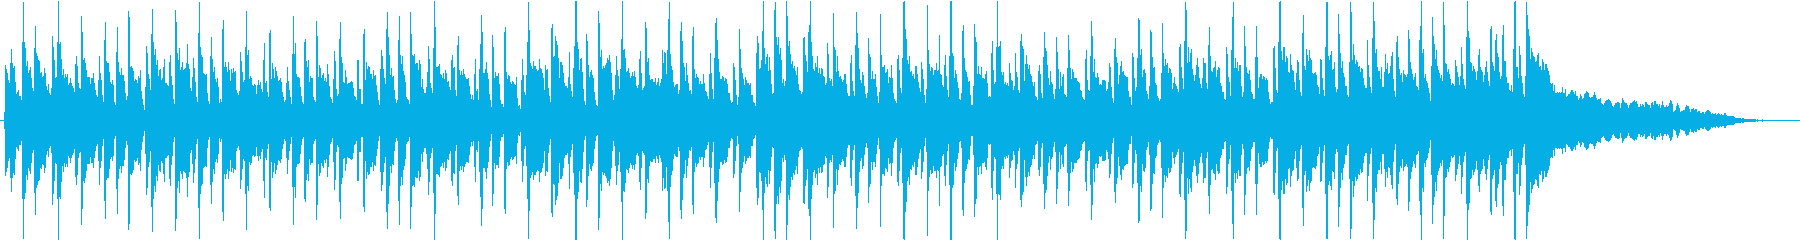 キャッチーなピアノのポップフュージョンの再生済みの波形